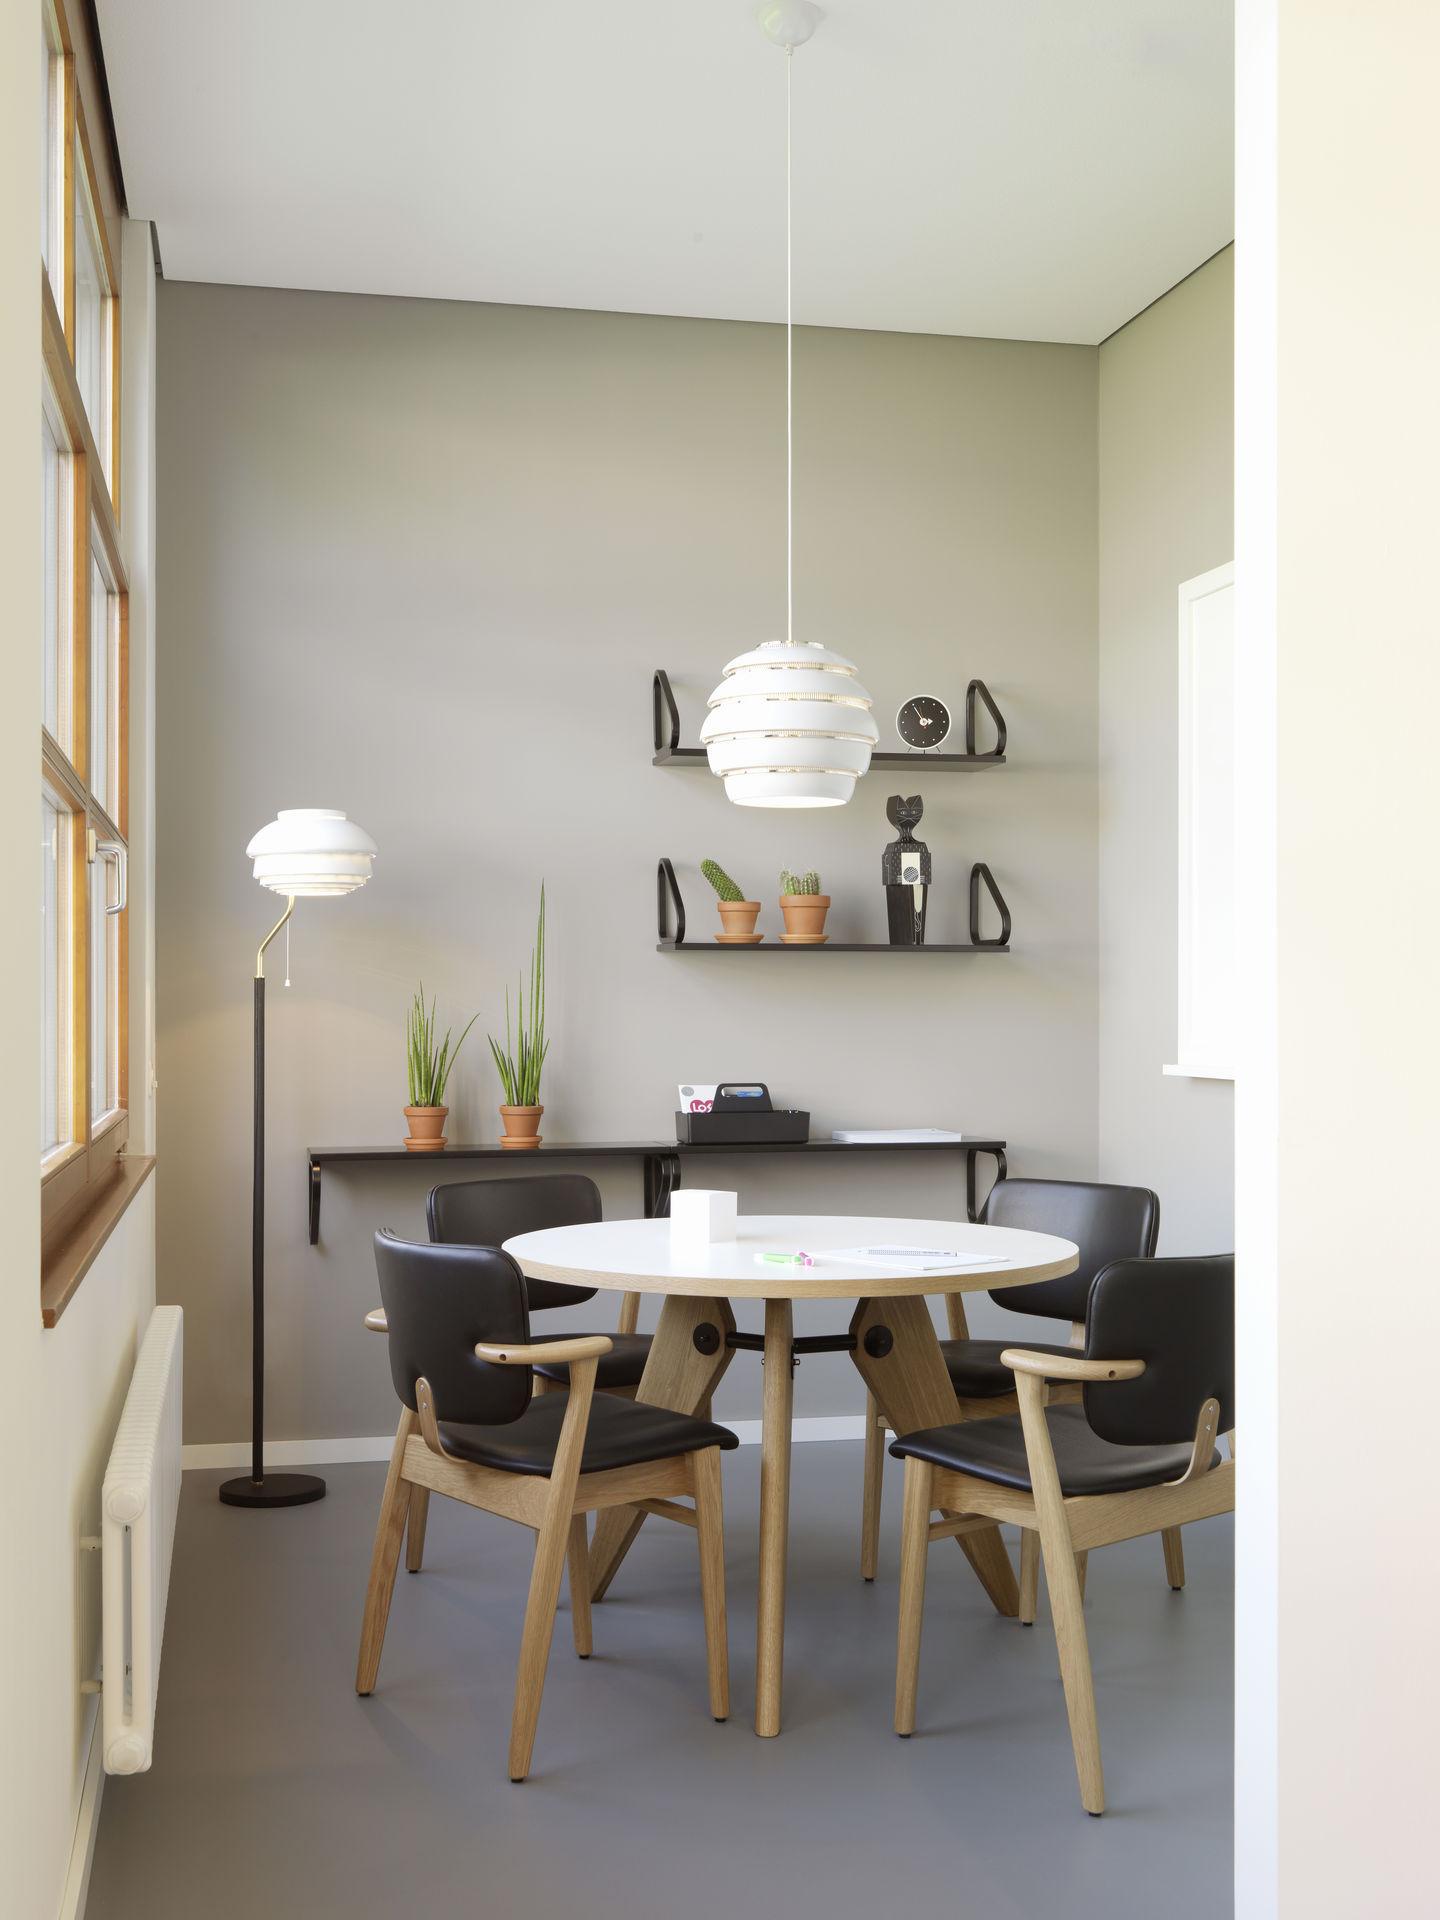 Дизайнерская мебель для офиса - стол с круглой столешницей и деревянные стулья